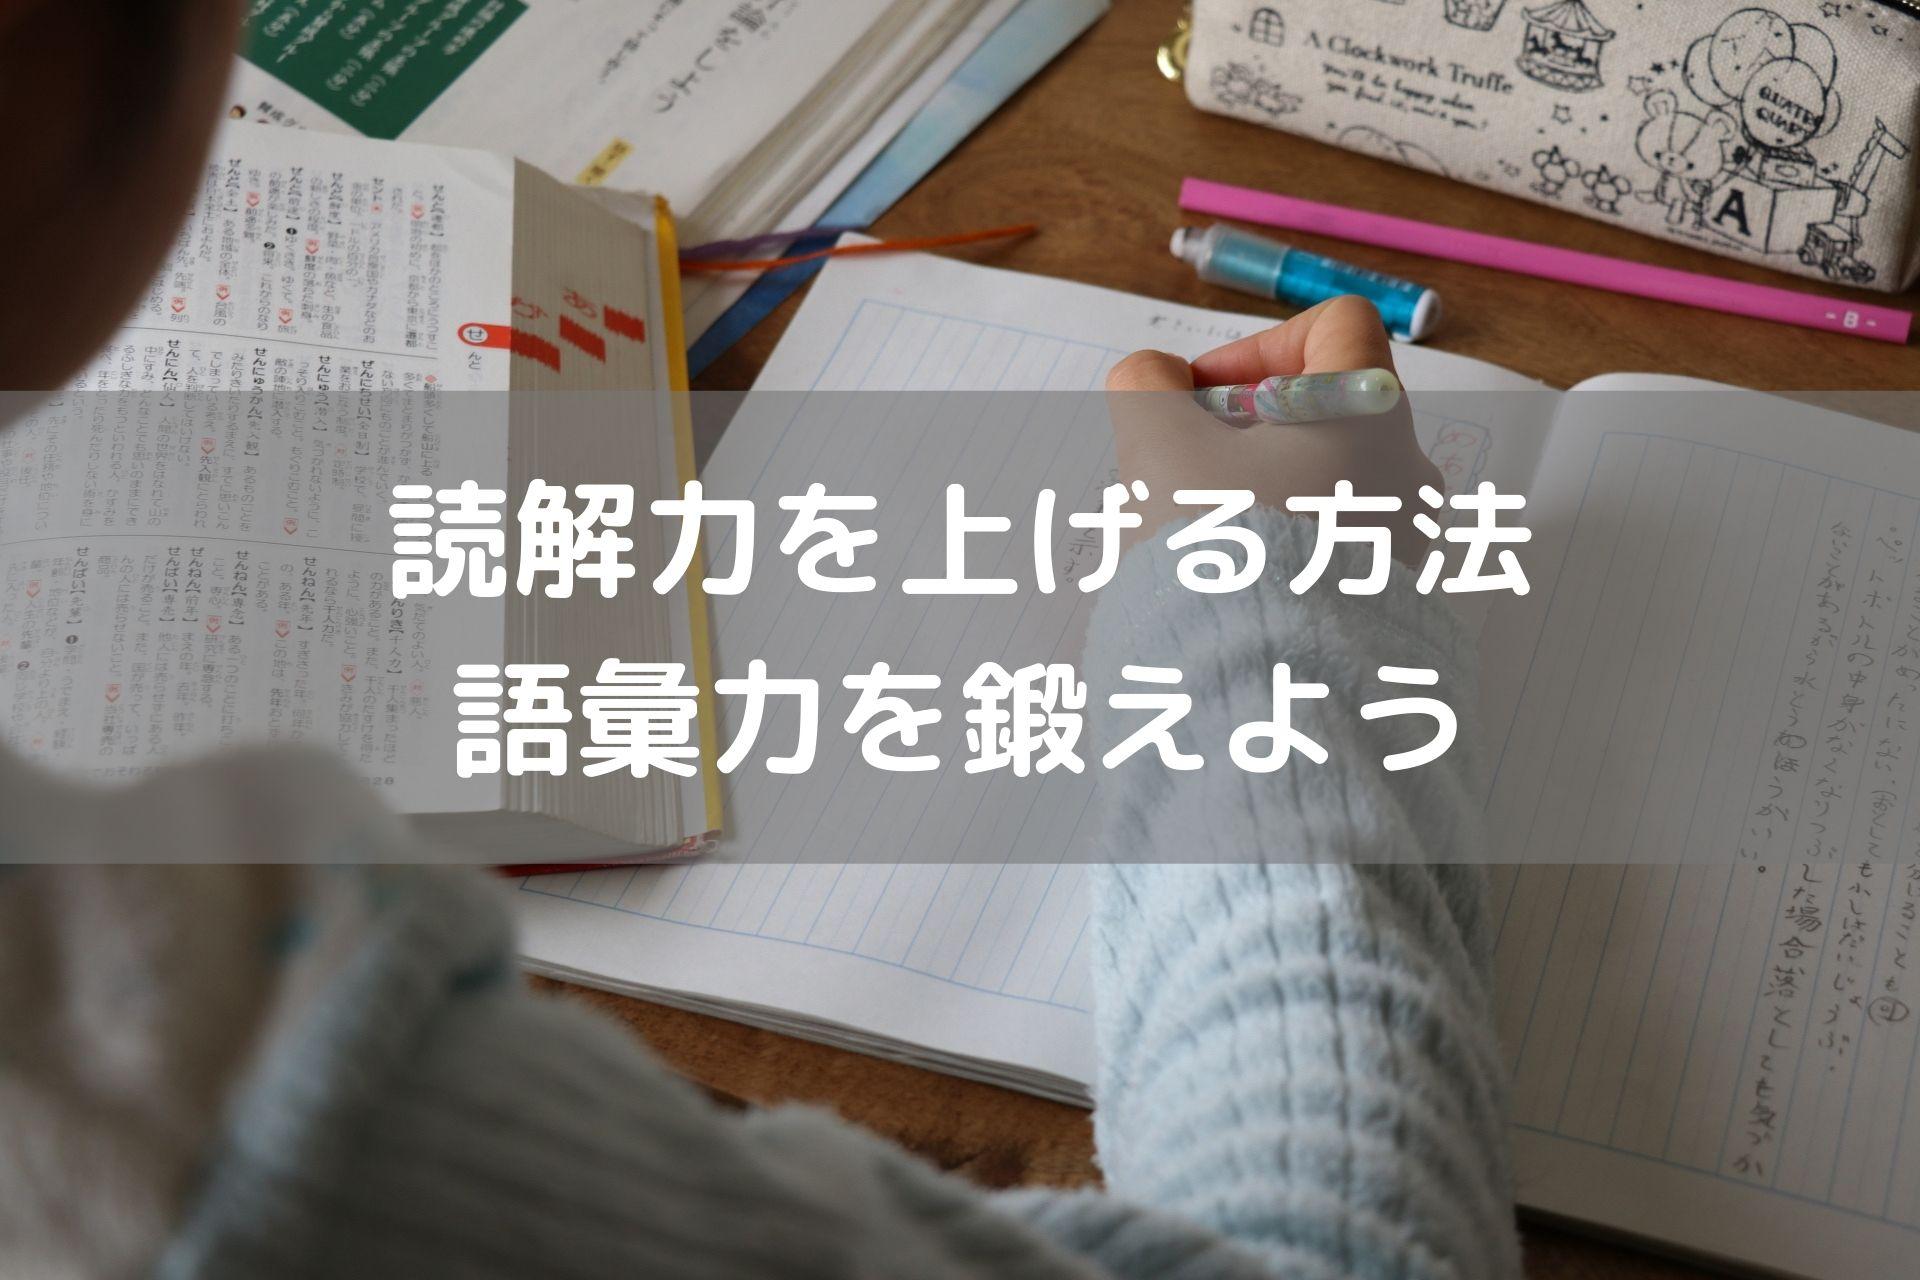 読解力を付ける為に語彙力の勉強を行う